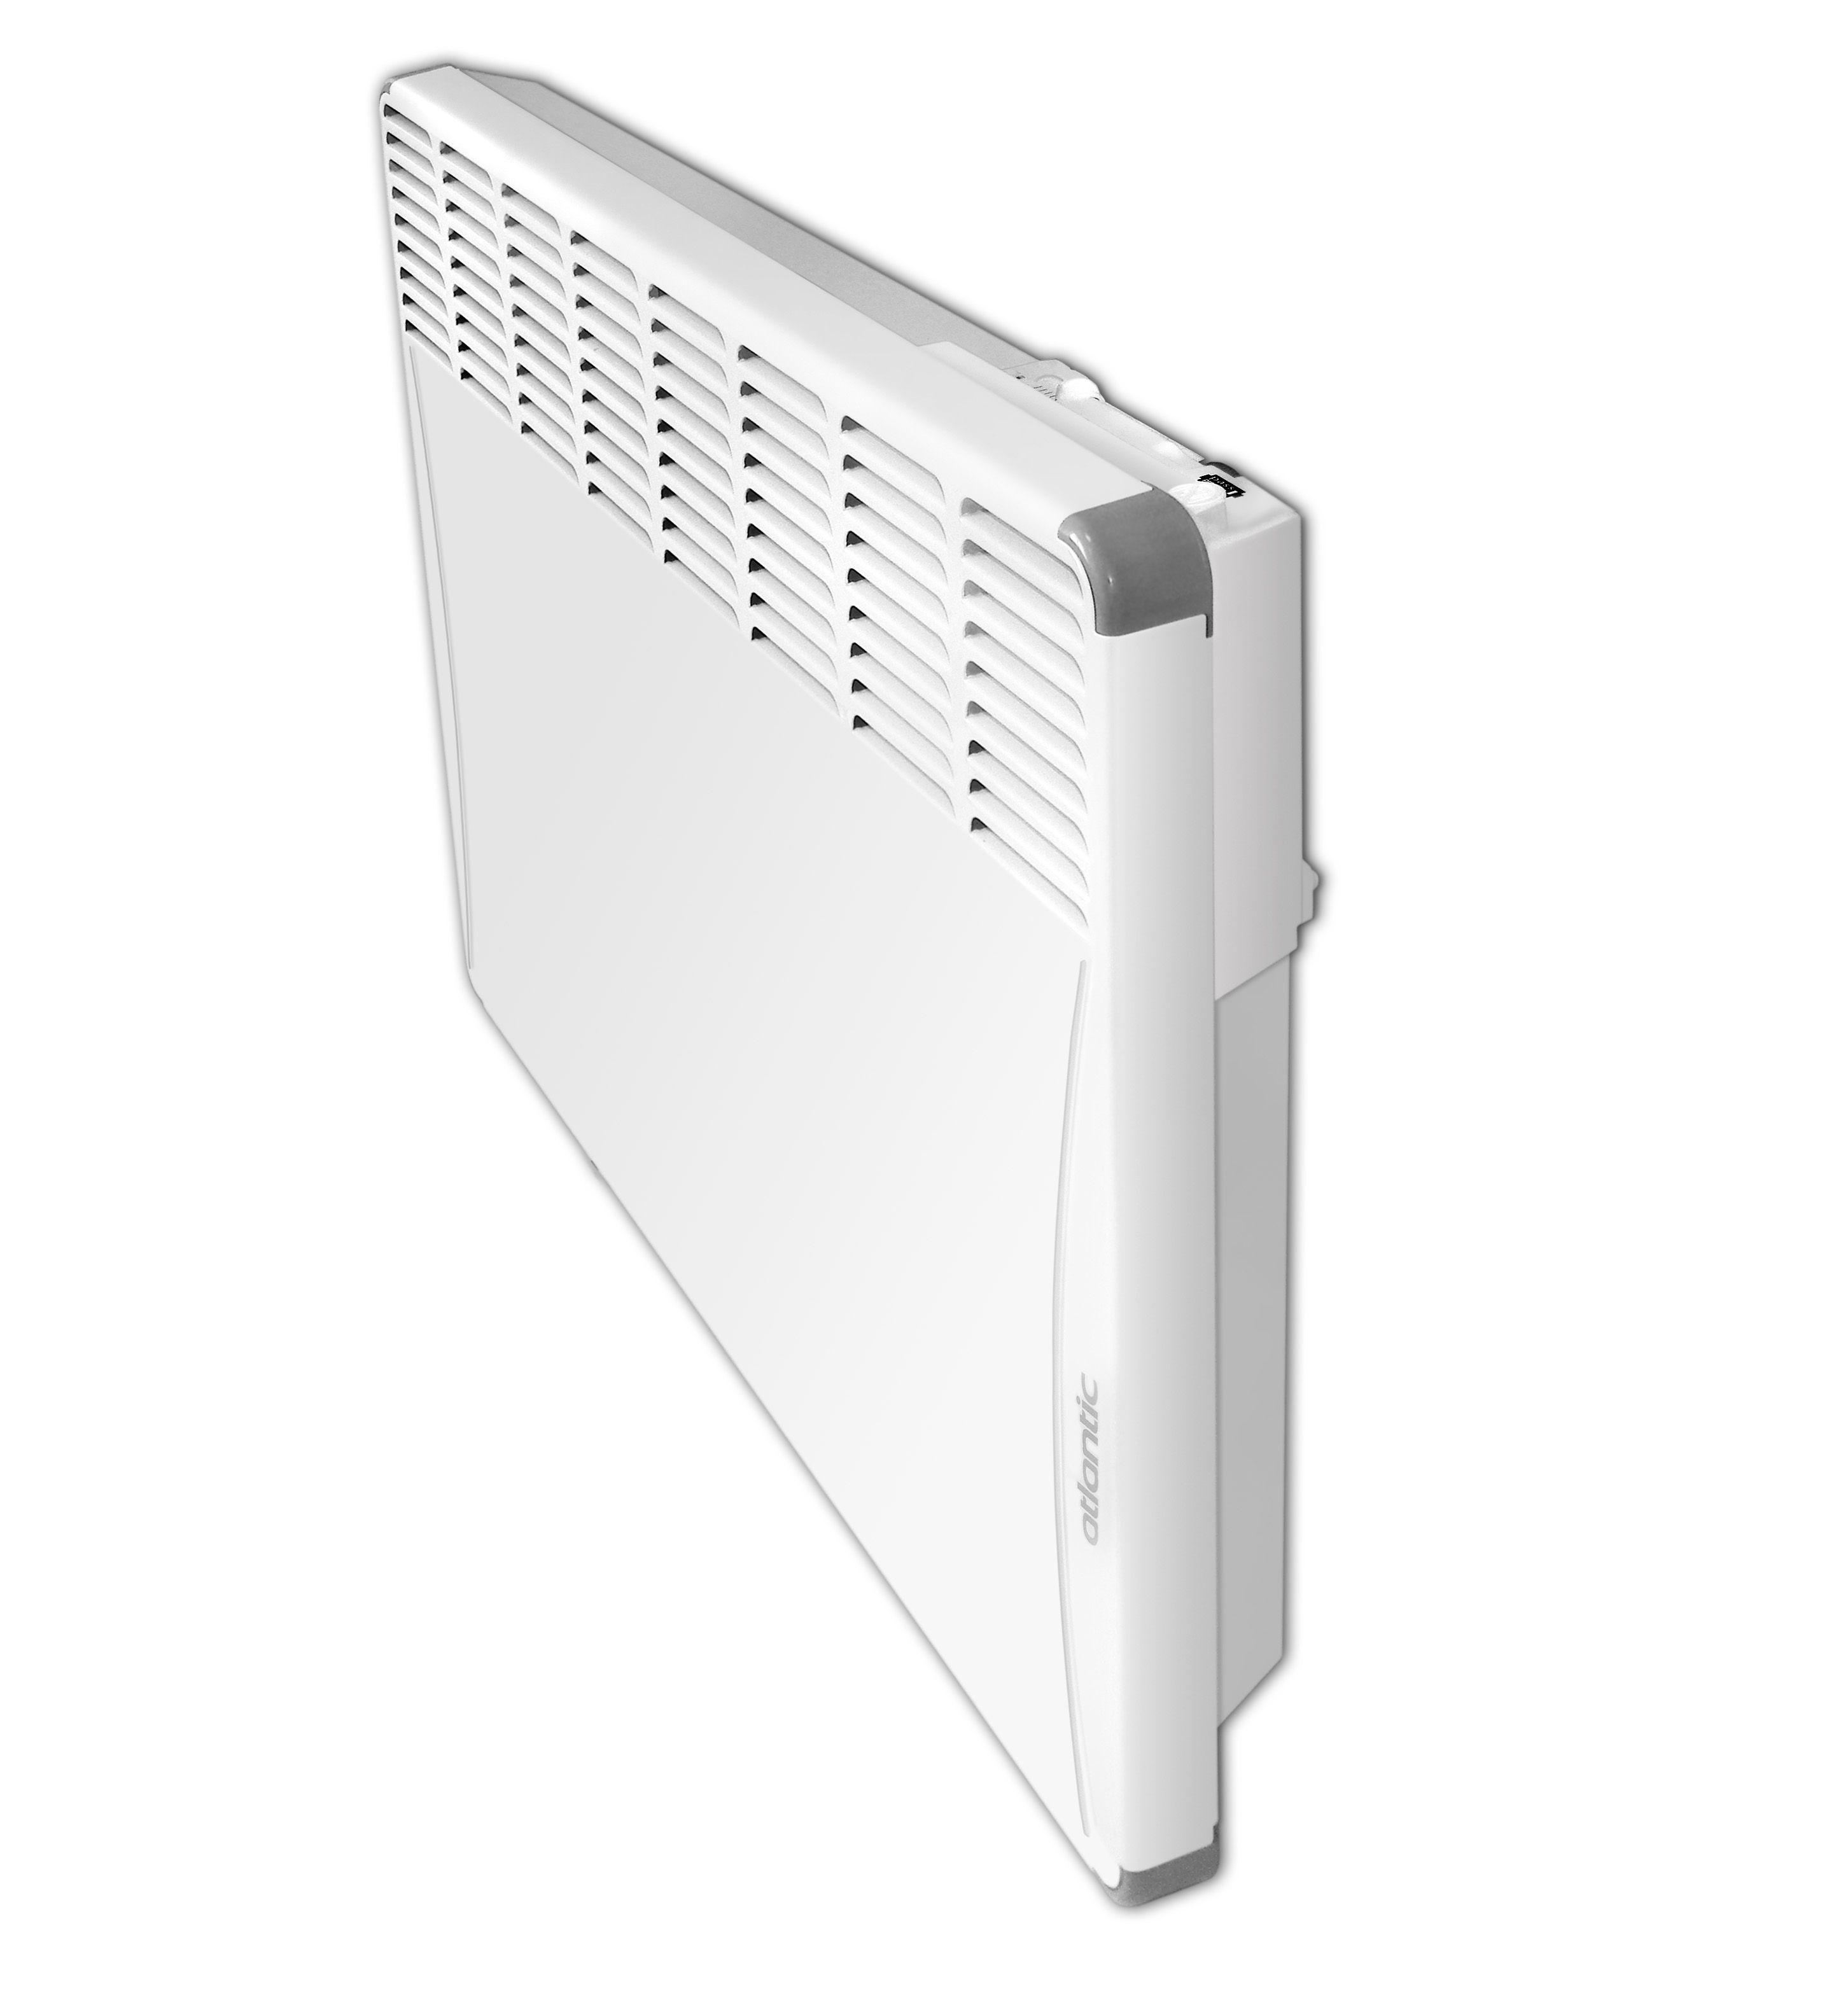 Конвектор Atlantic F117 design 1000w plug